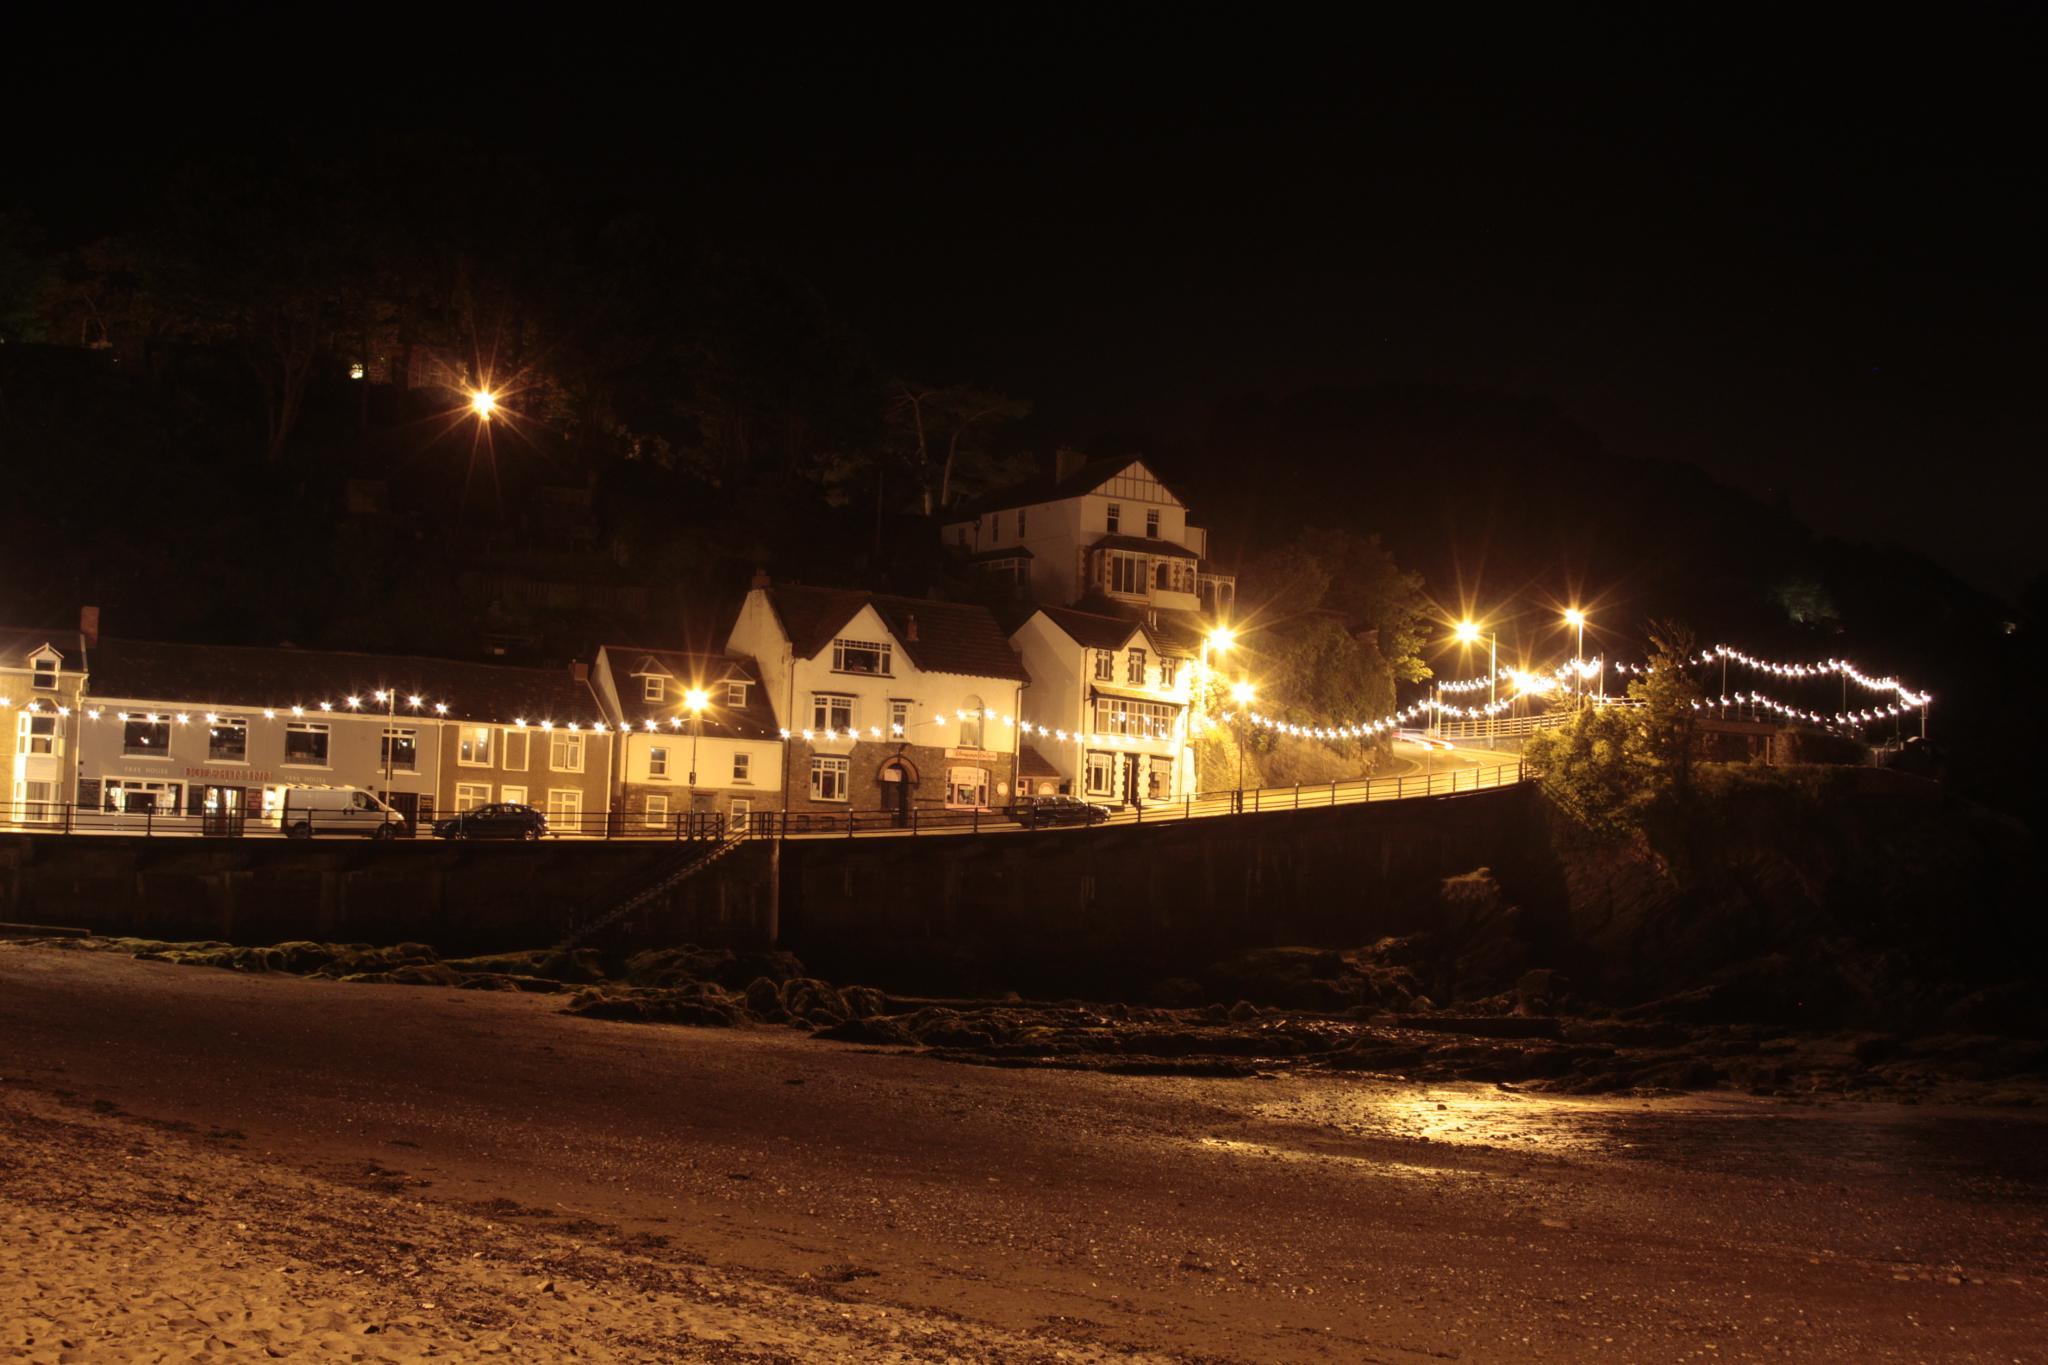 Night beach by ashley.cox.1806